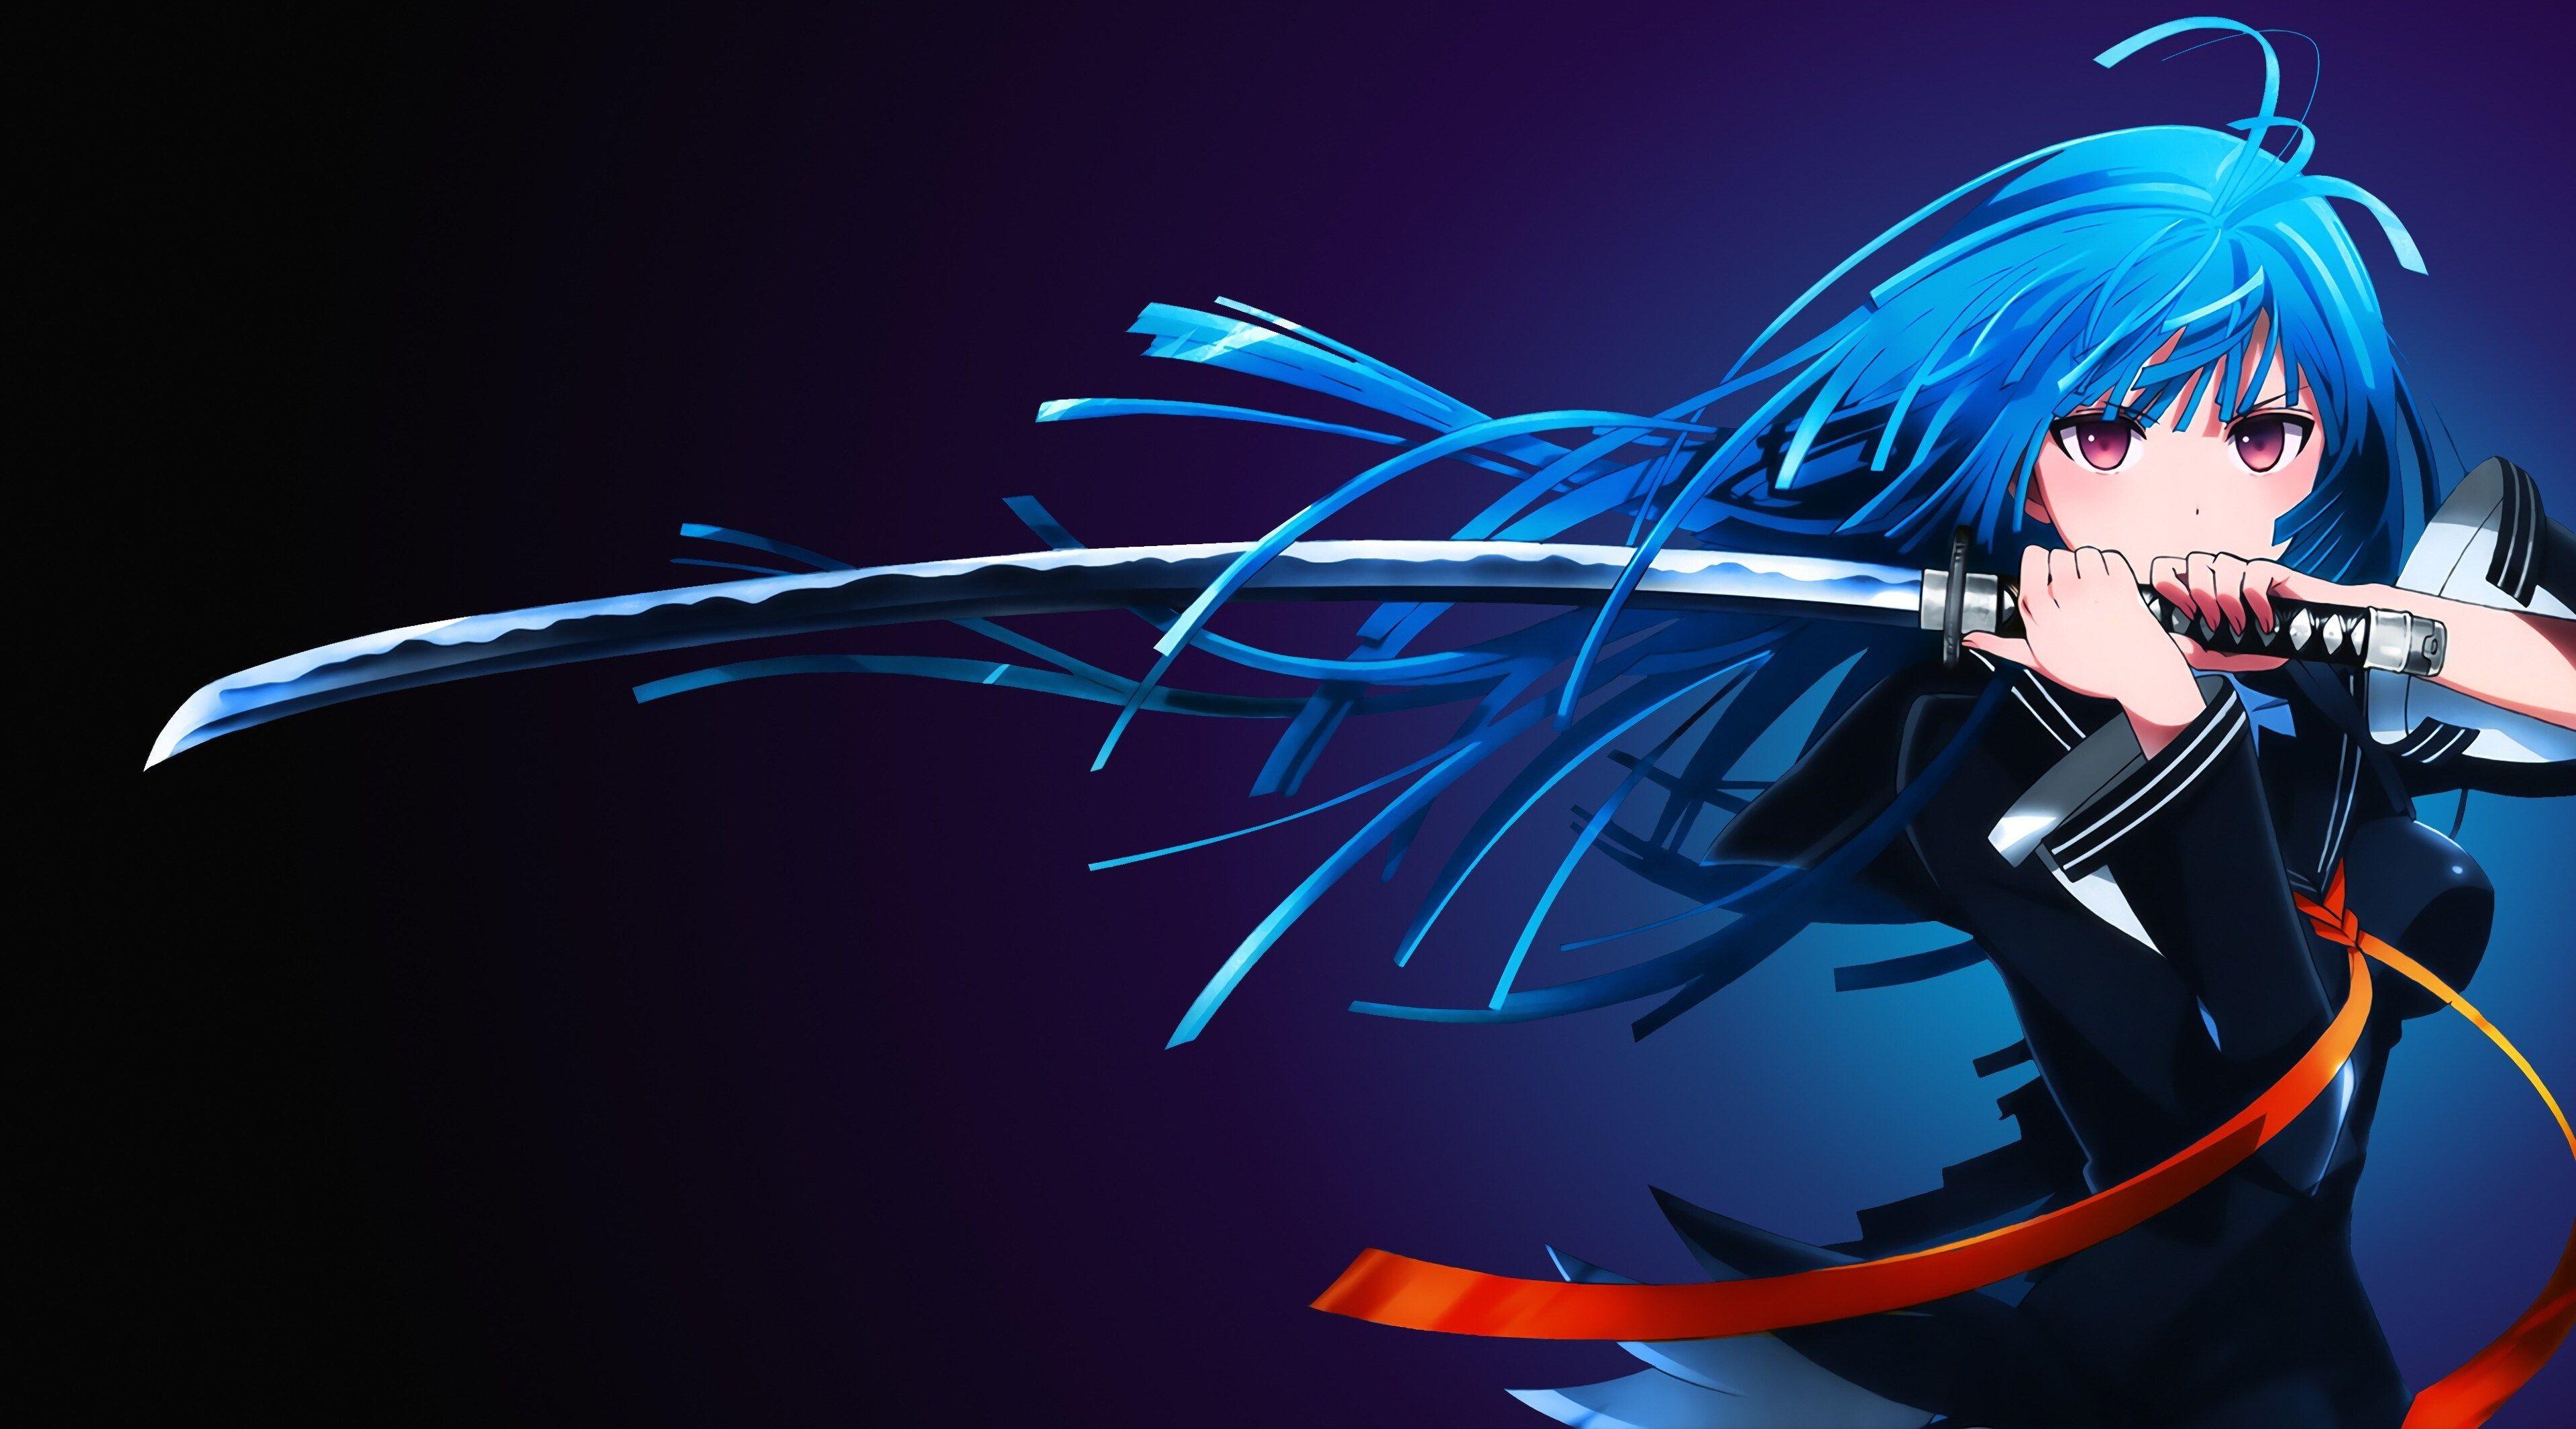 3840x2130 anime 4k wallpaper in hd for pc Gadis animasi